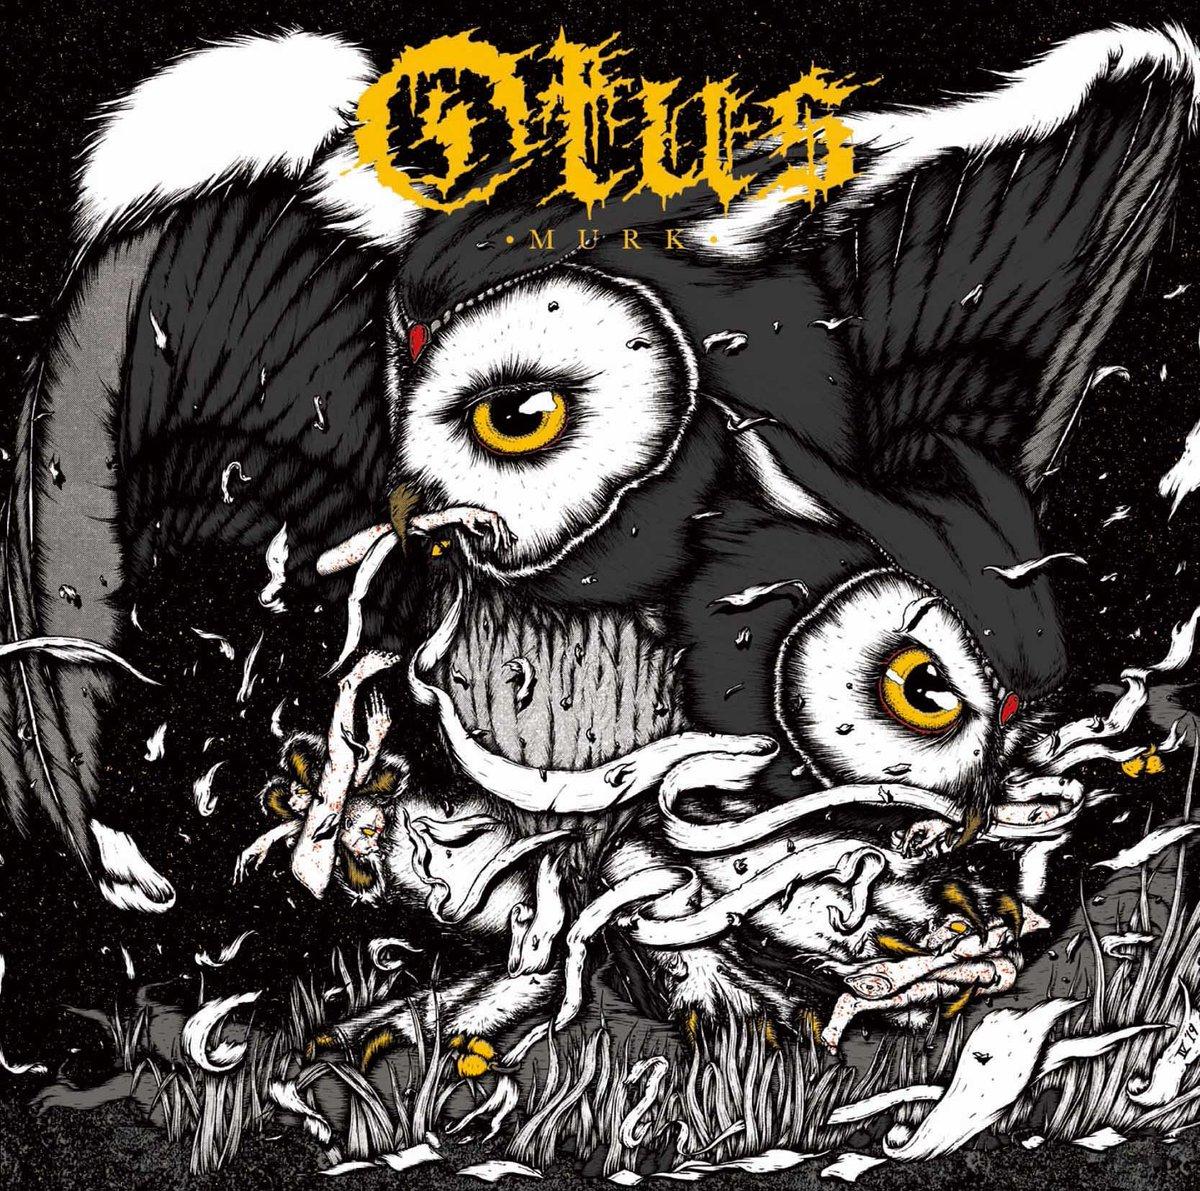 【Otus】1st album